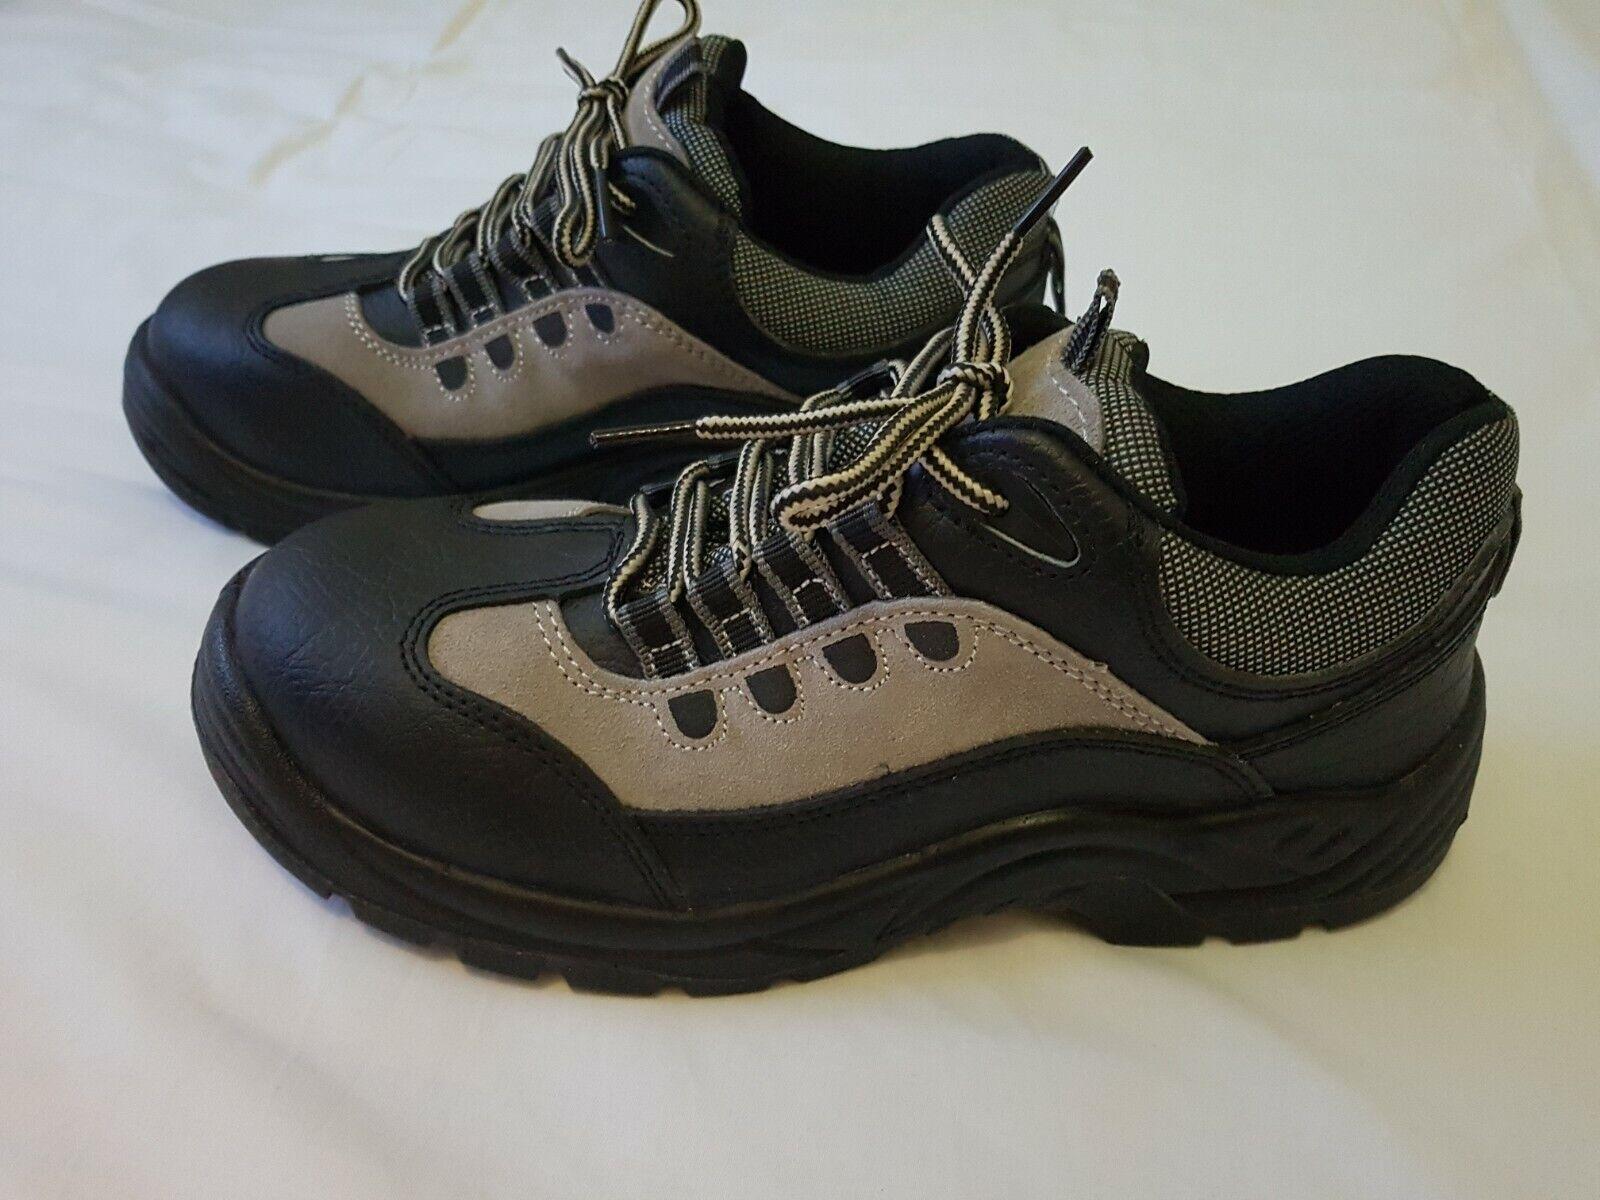 Arco Essentials Black \u0026 Grey Safety